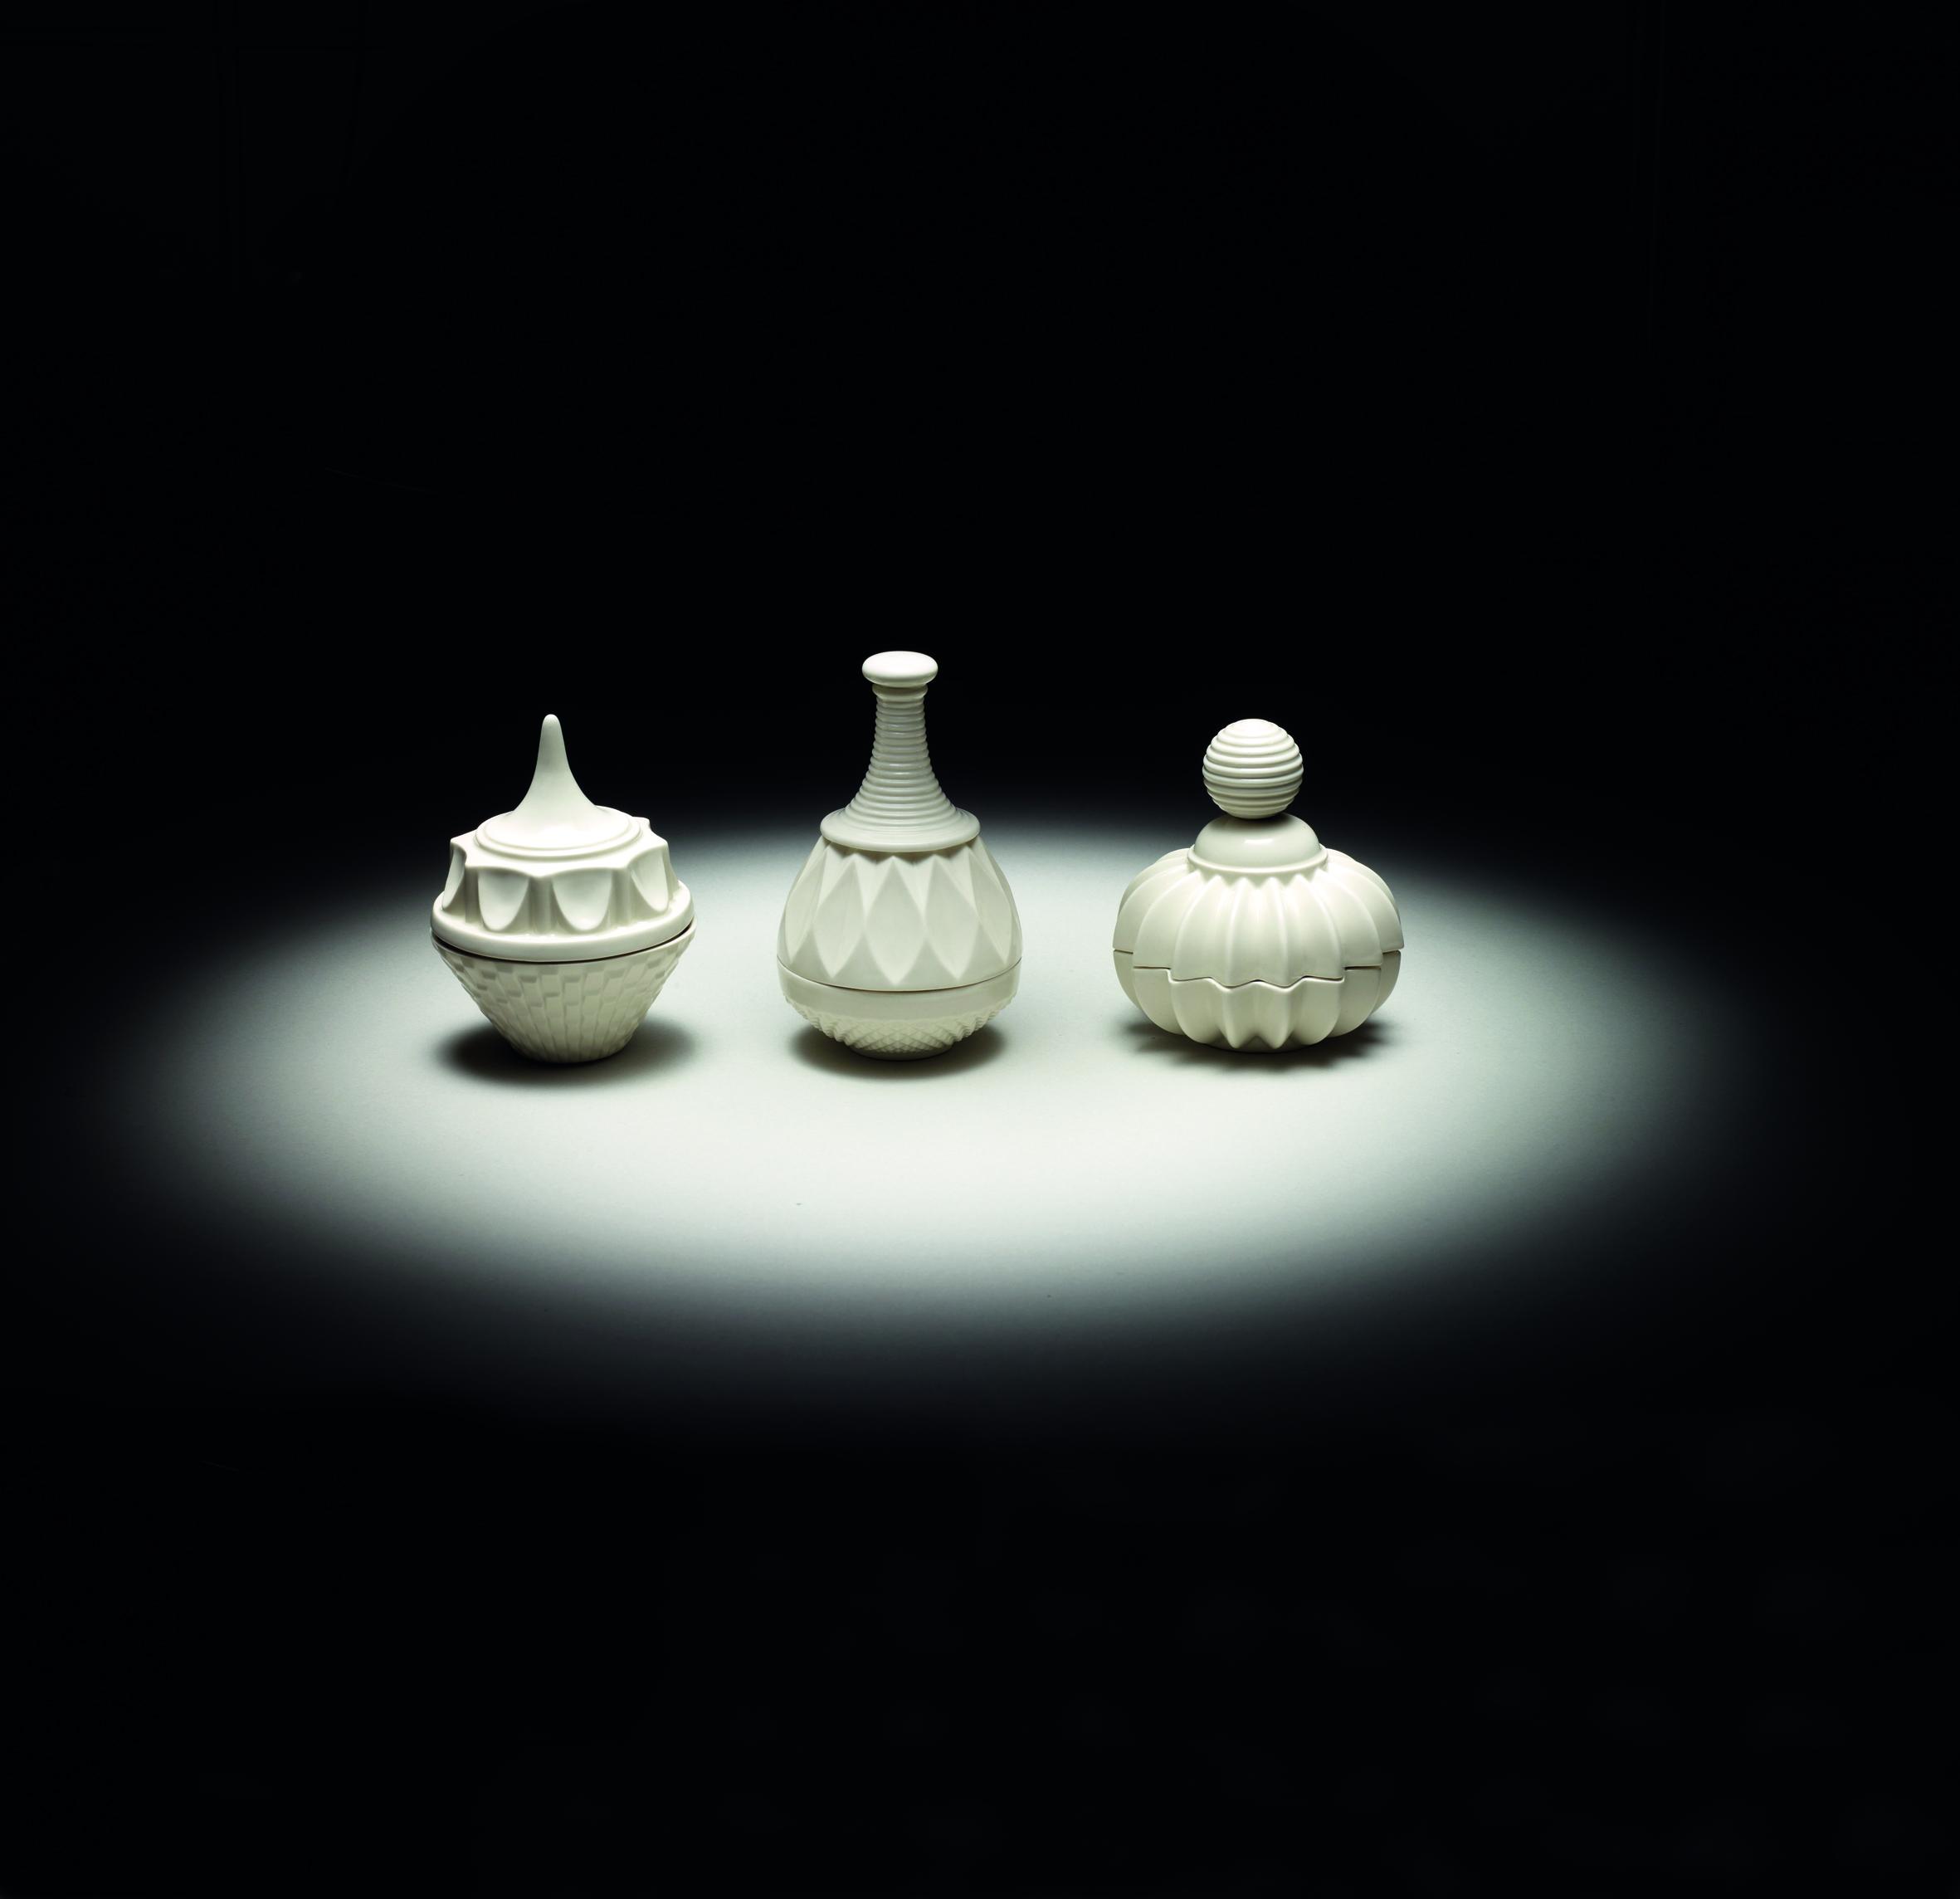 Images courtesy of  Finnsdottir Ceramic Tales